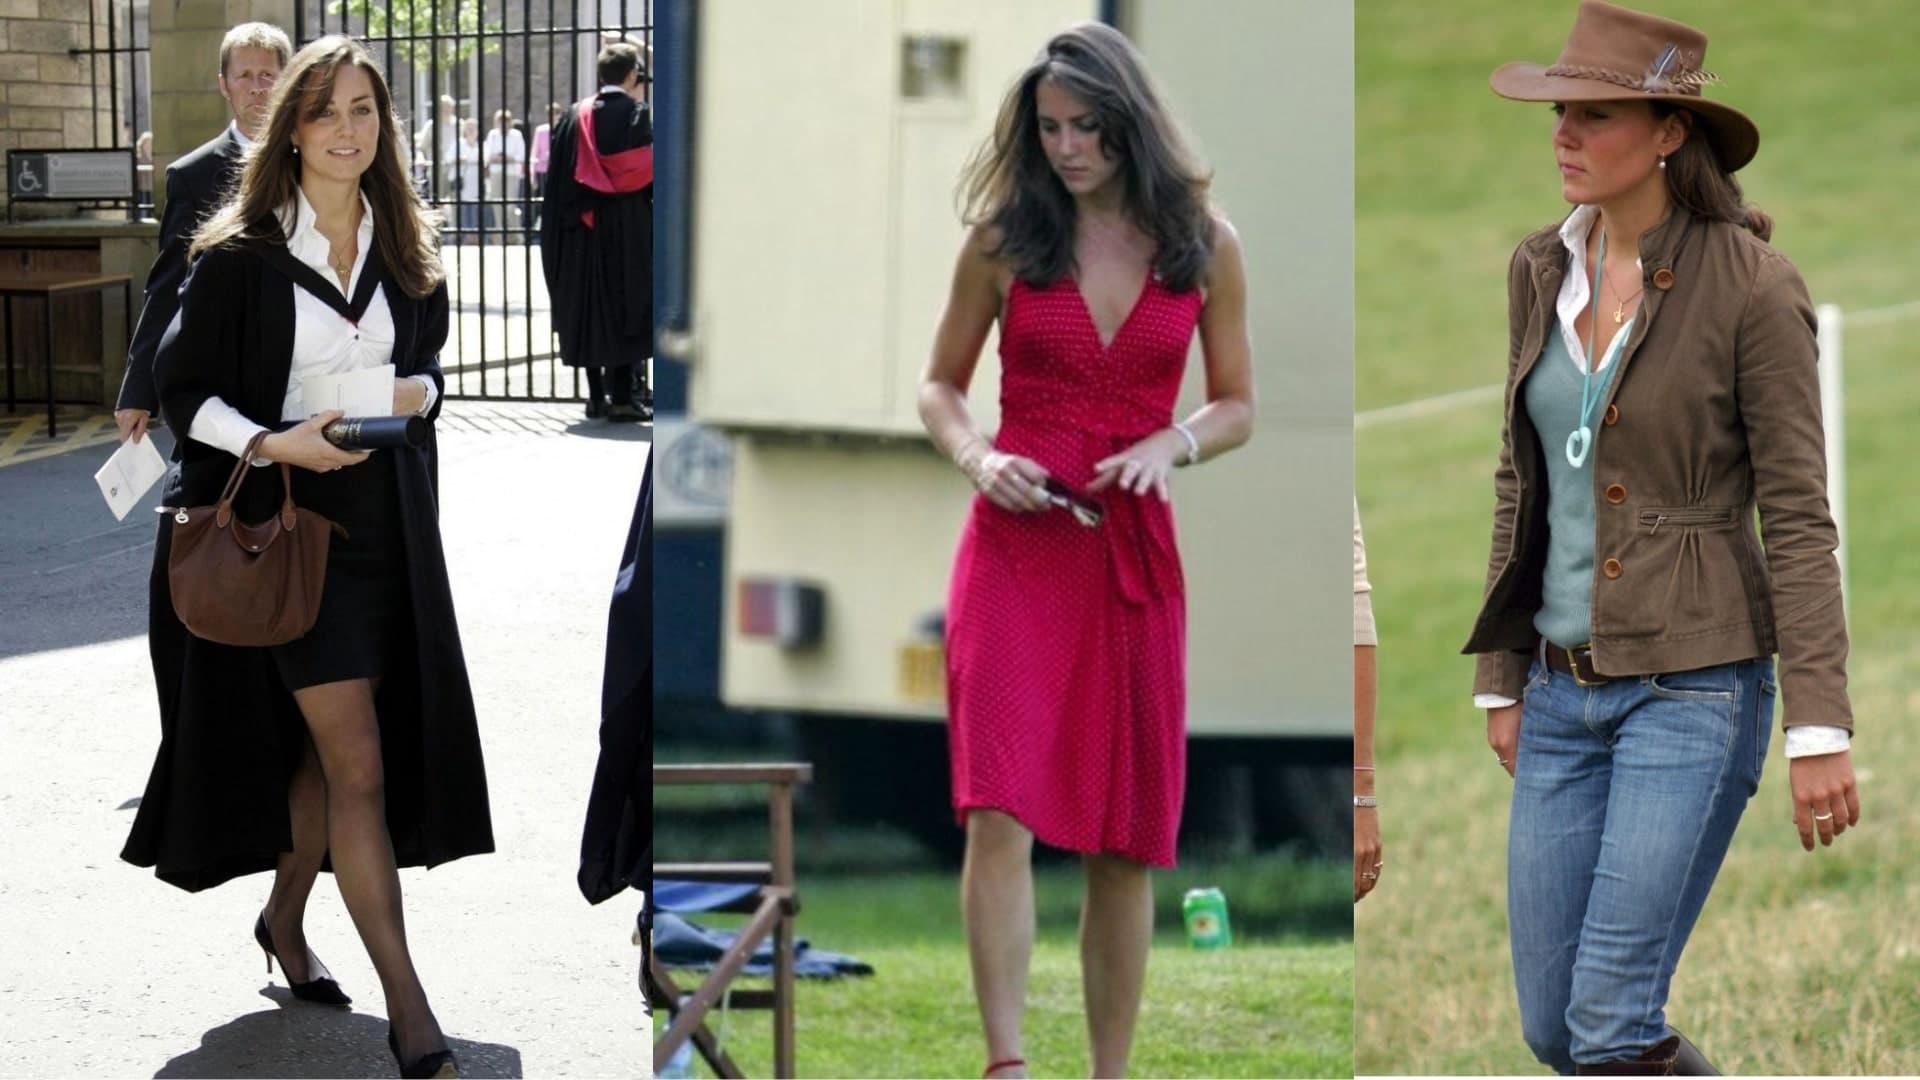 Gọi tên những biểu tượng thời trang Hoàng gia thế giới, có người mặc đẹp lấn át Công nương Kate - 1